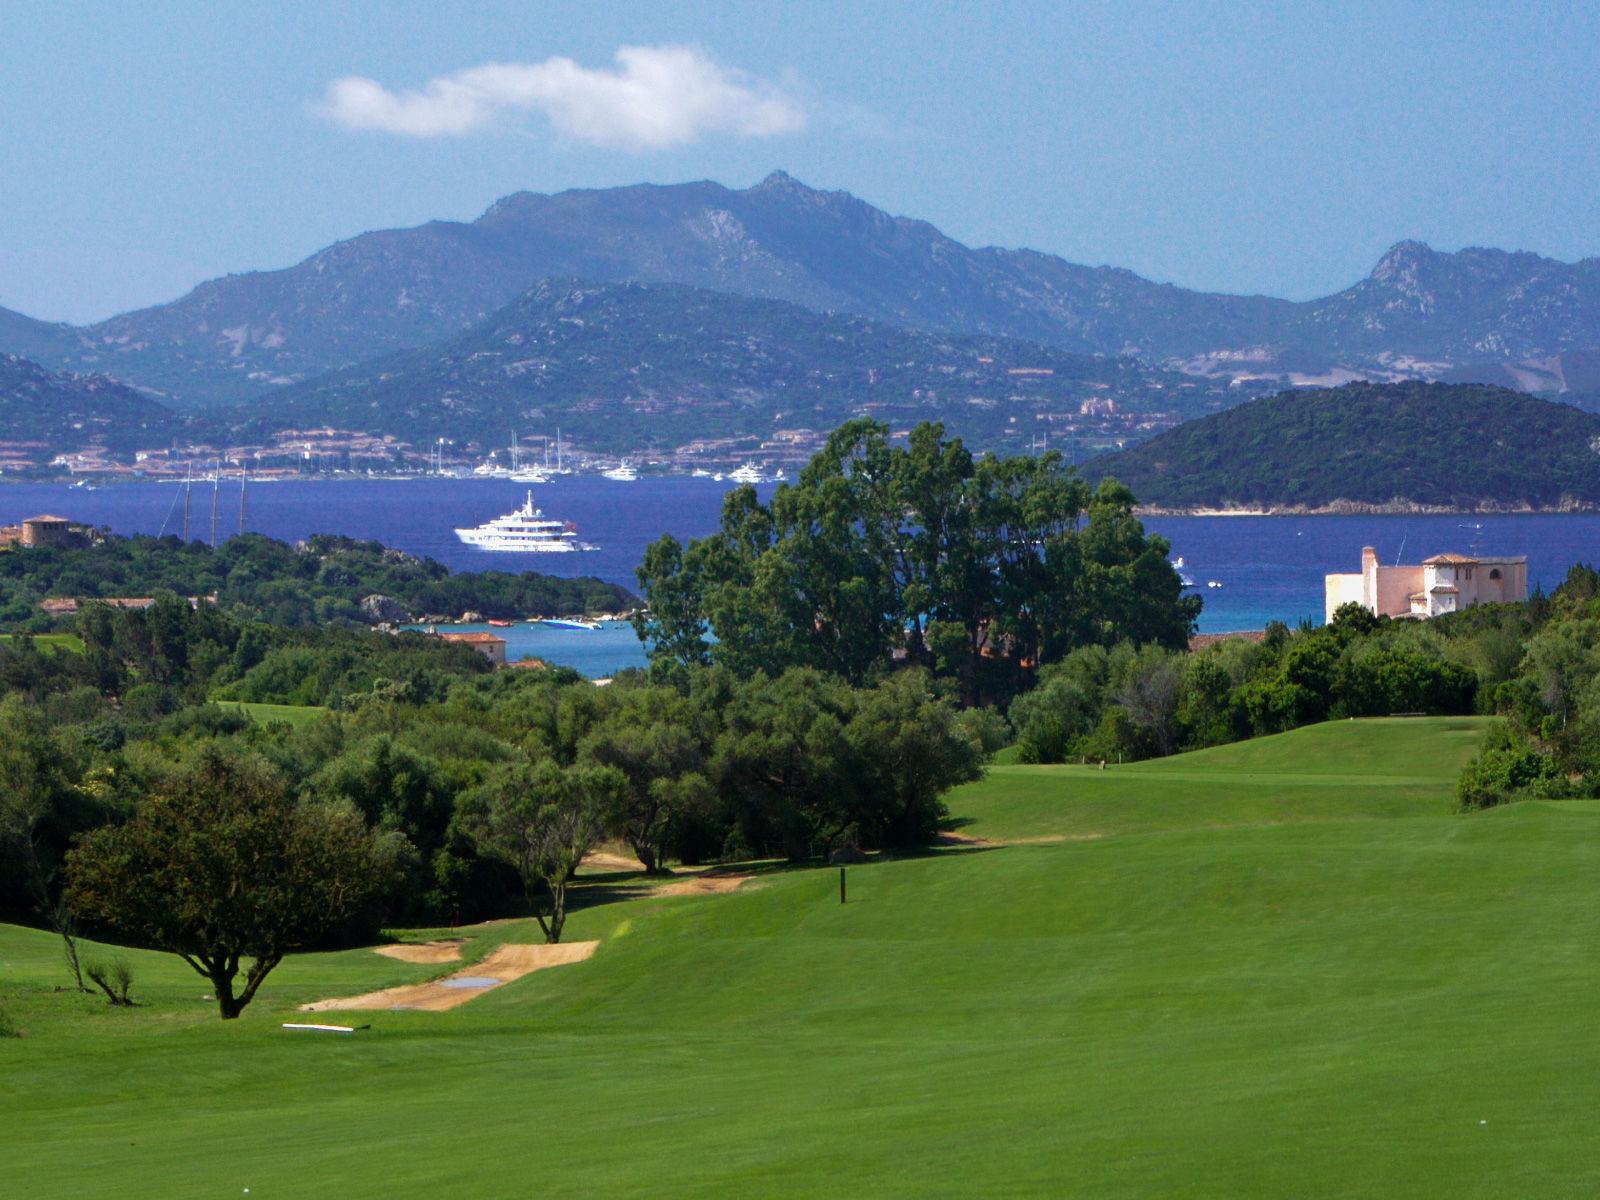 Pevero golf club cover picture